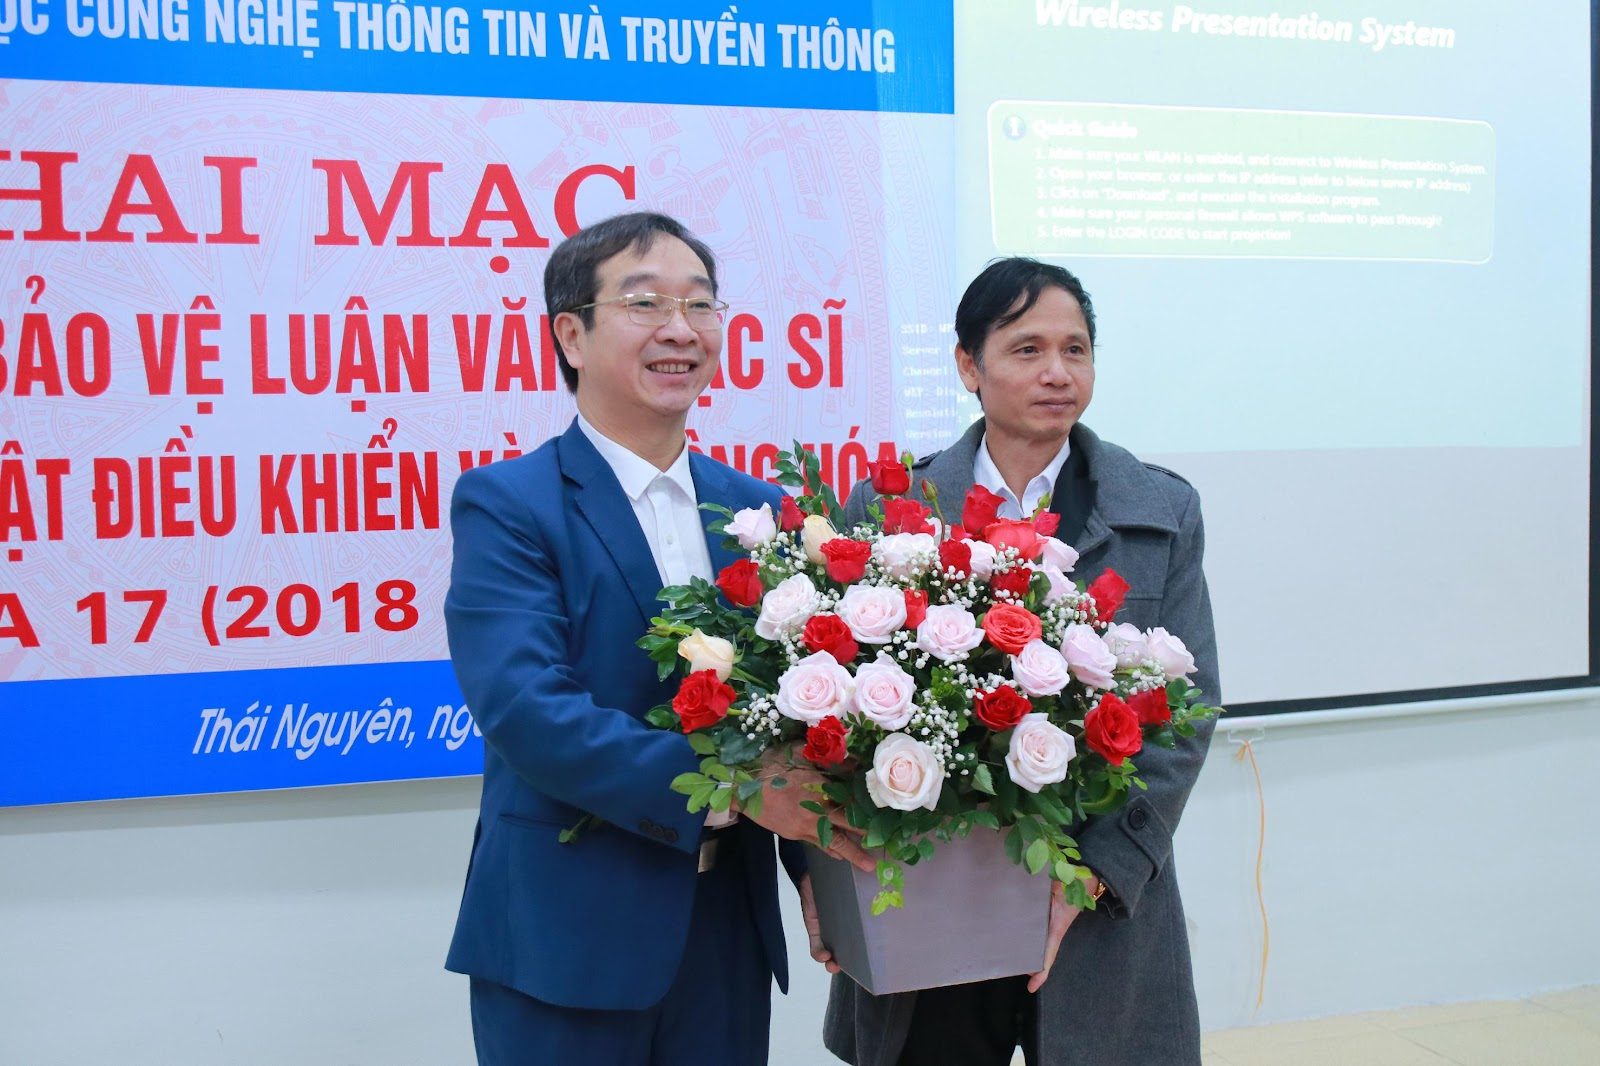 TS. Chu Bá Chín – Phó Hiệu trưởng trường CĐ Cơ điện & Xây dựng Bắc Ninh tặng hoa nhà trường